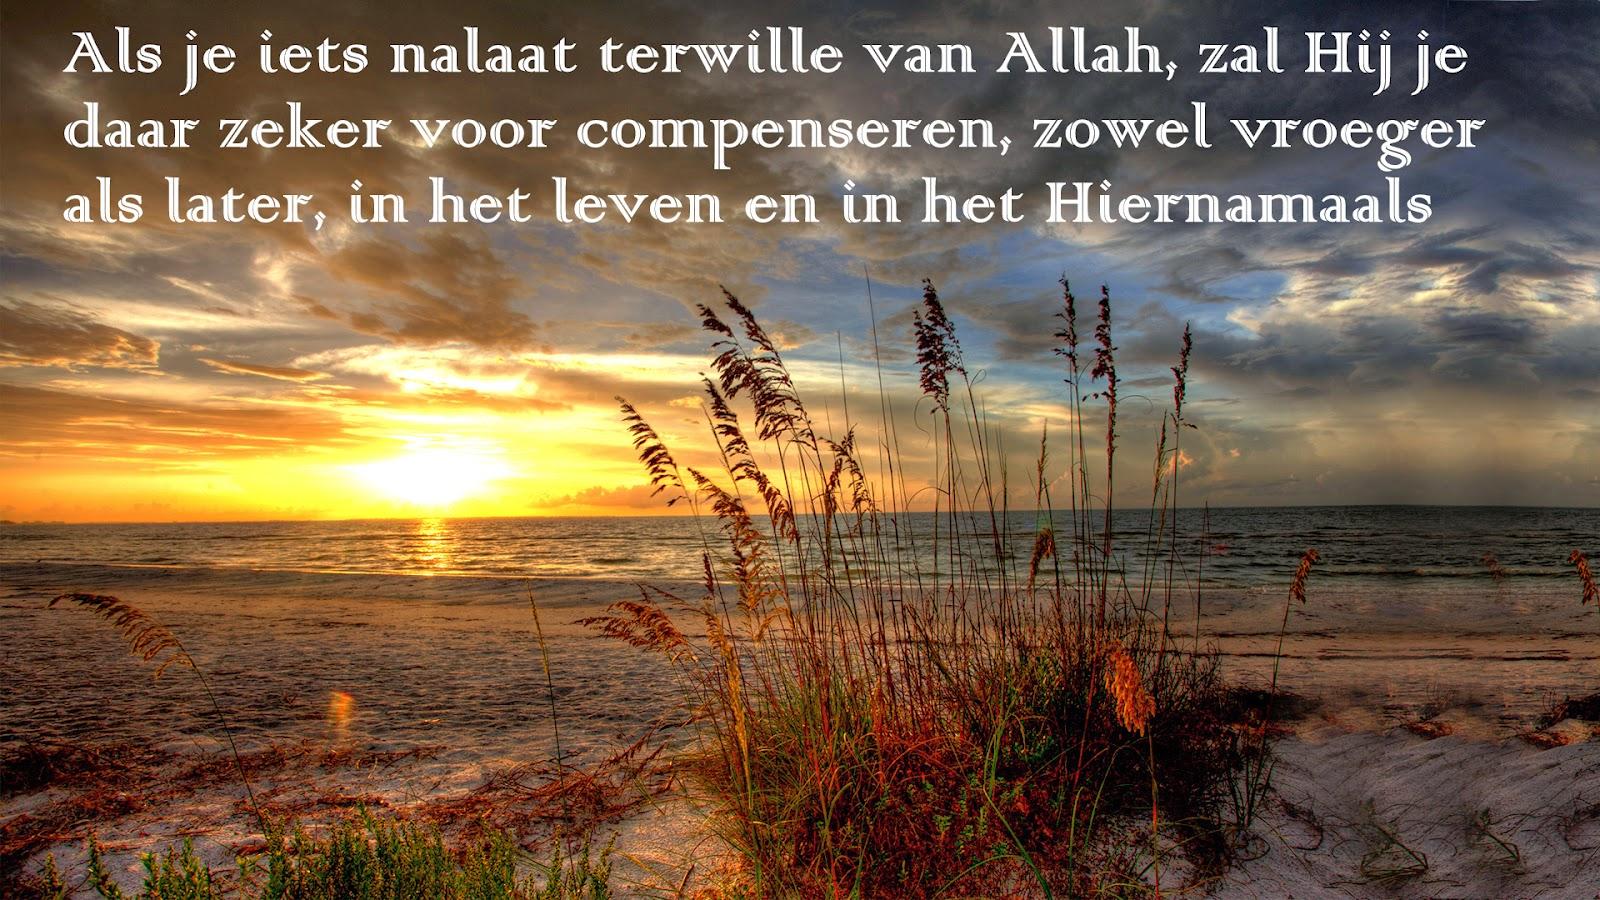 Citaten Uit Koran : Citaten en wijze woorden uit de islam allah zal je